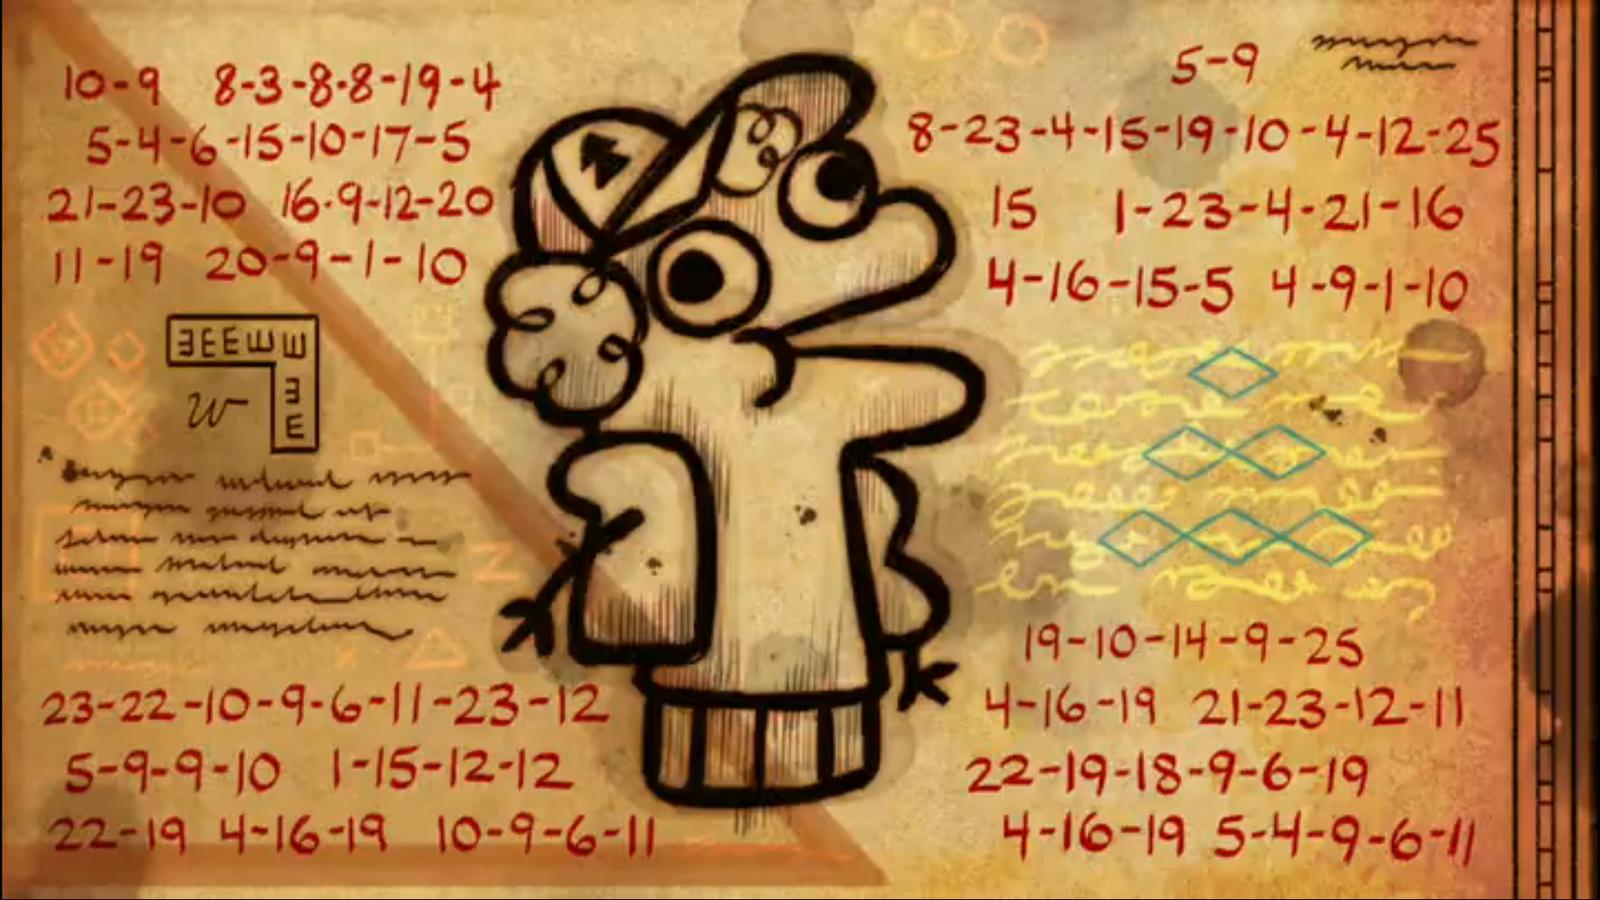 Возможность посмотреть иллюстрации для книги гравити фолз. Дневник диппера и мэйбл. Тайны, приколы и веселье нон-стоп!. Иллюстрация 1 из 99.